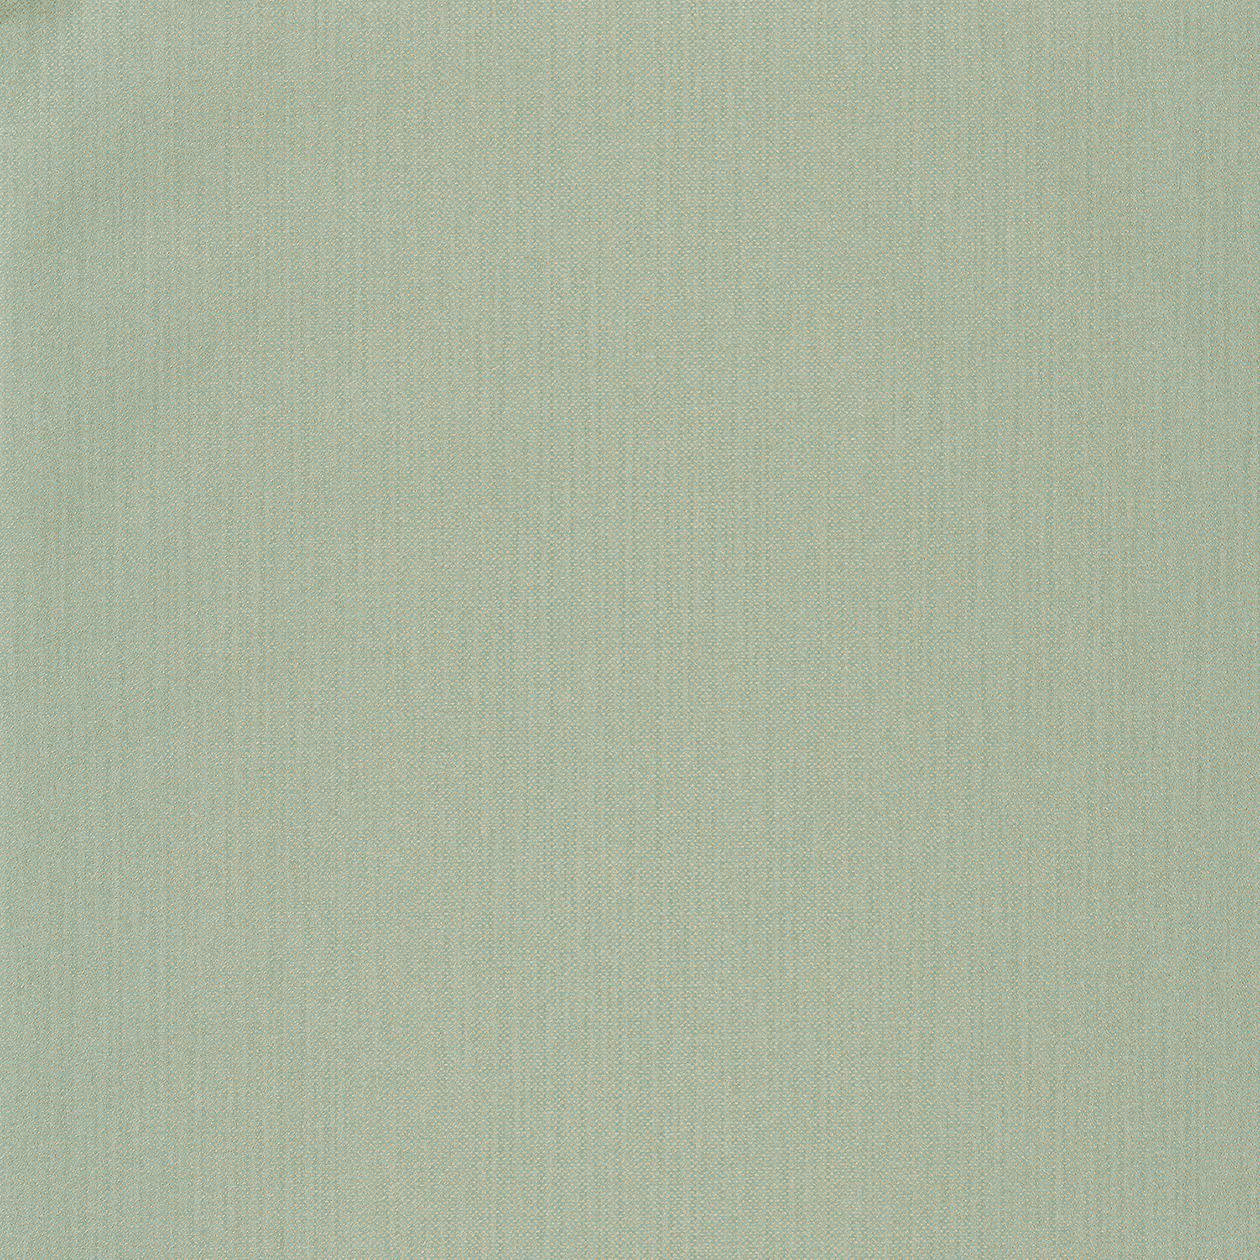 Обои Caselio Natte (53 см) 101577099